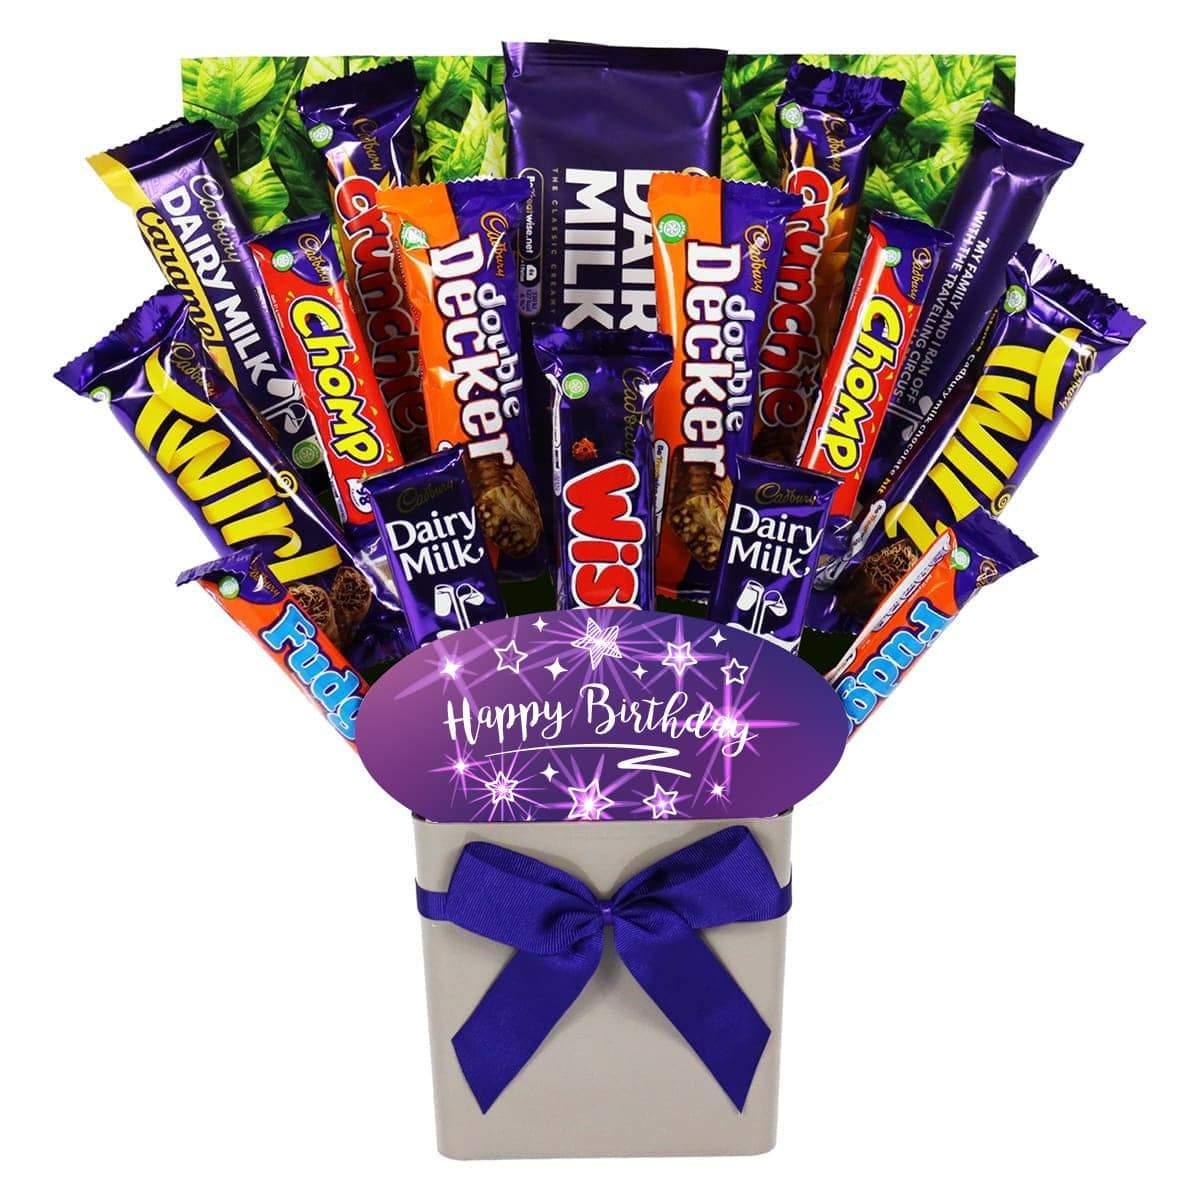 The Happy Birthday Cadbury Chocolate Bouquet